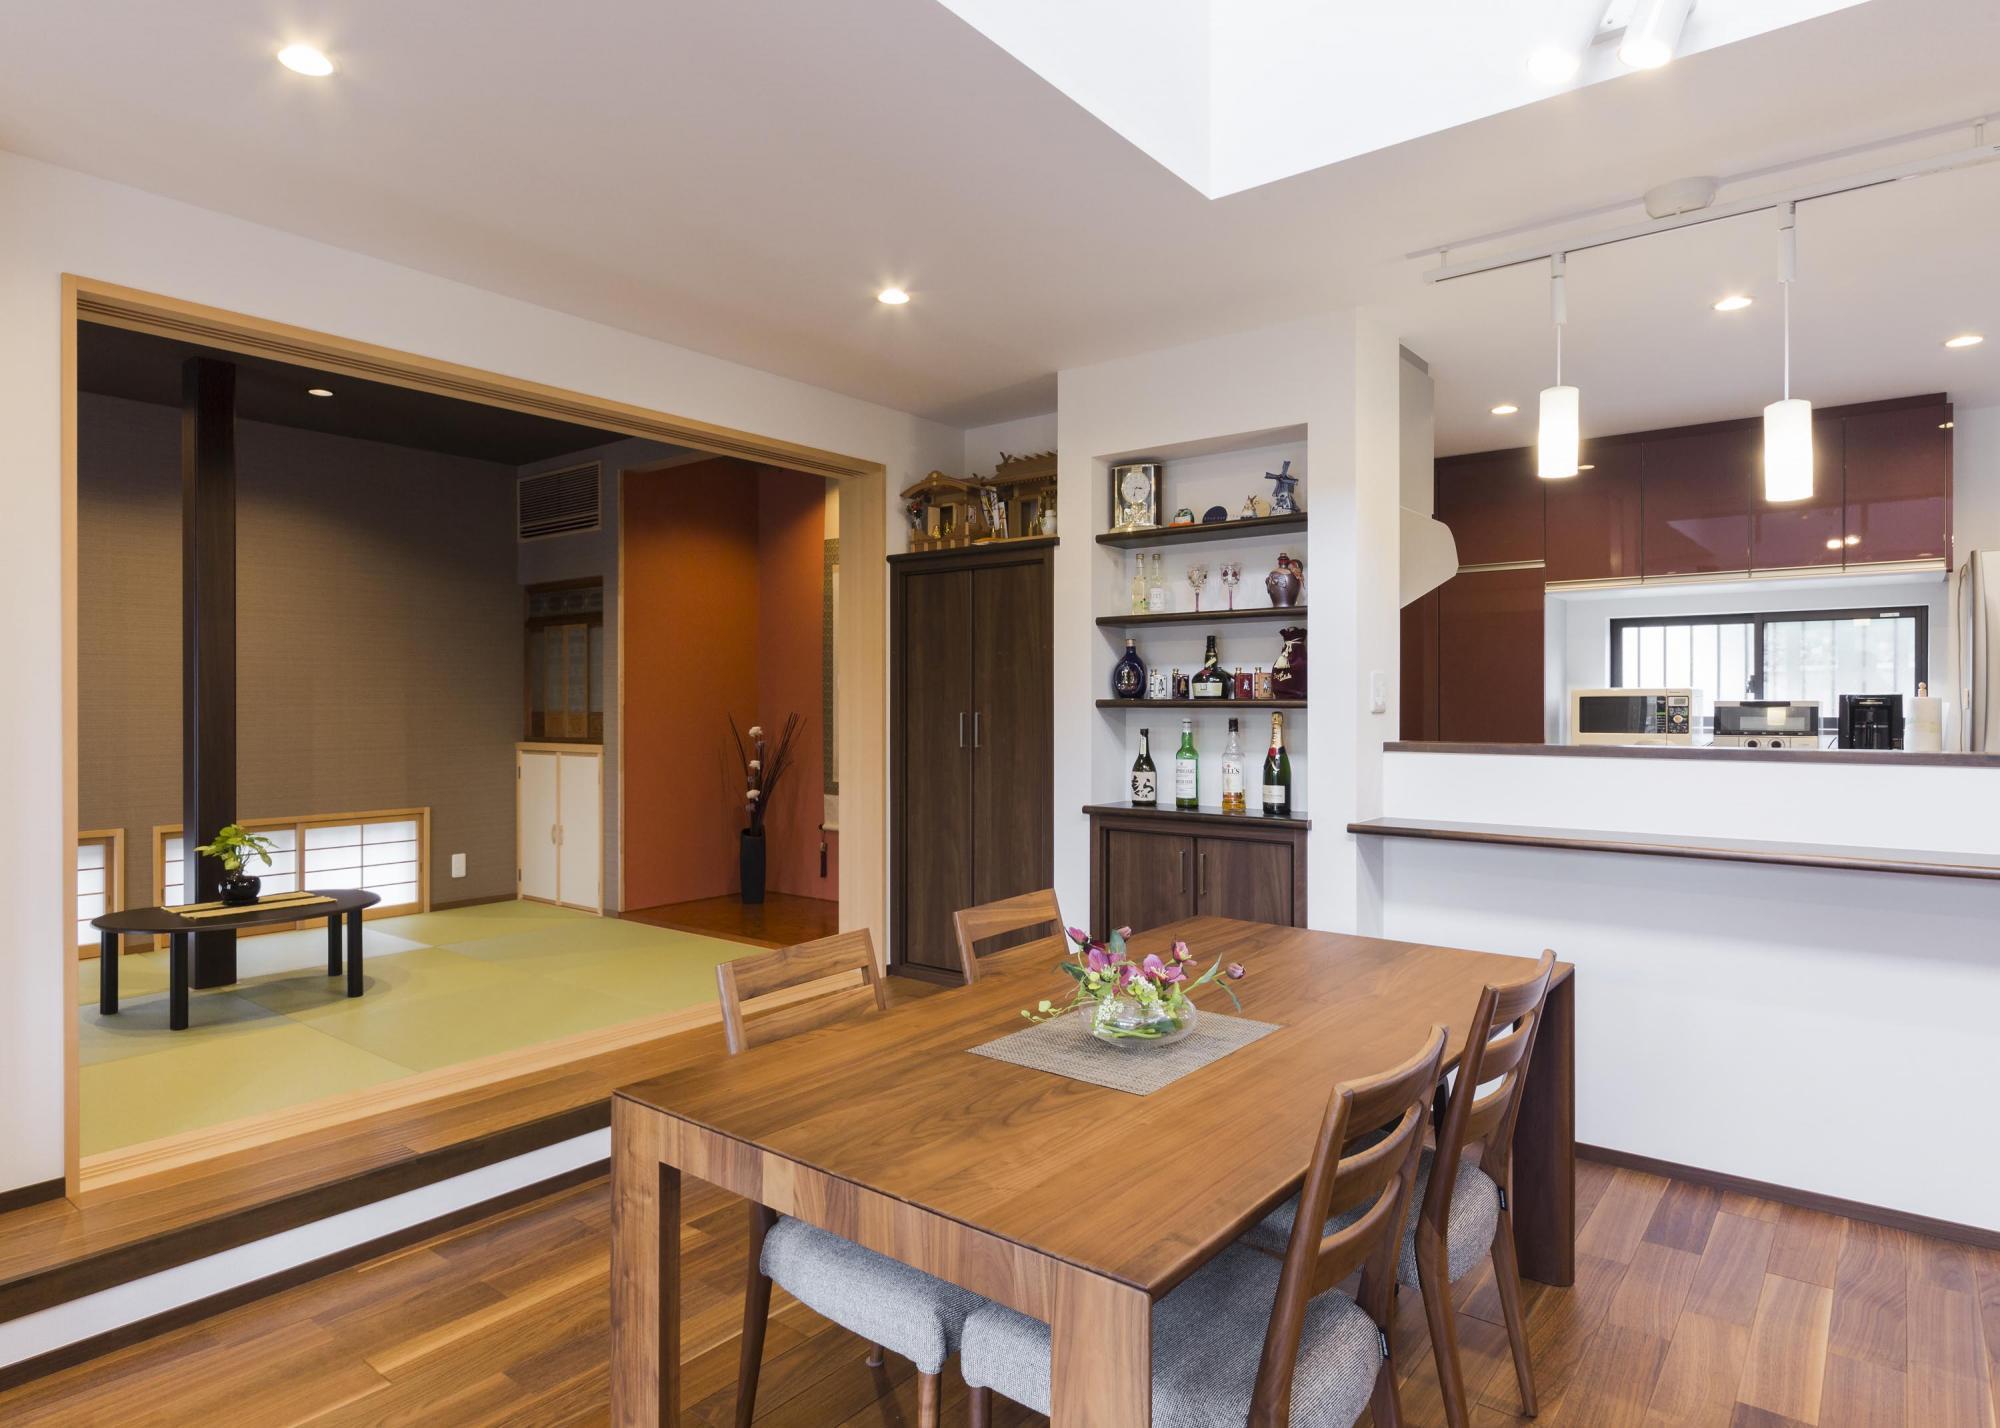 ダイニングの壁面にはお酒を嗜むご家族のためにボトルをディスプレイできる棚を造作。小上がりの和室は食事の後くつろげる空間に。